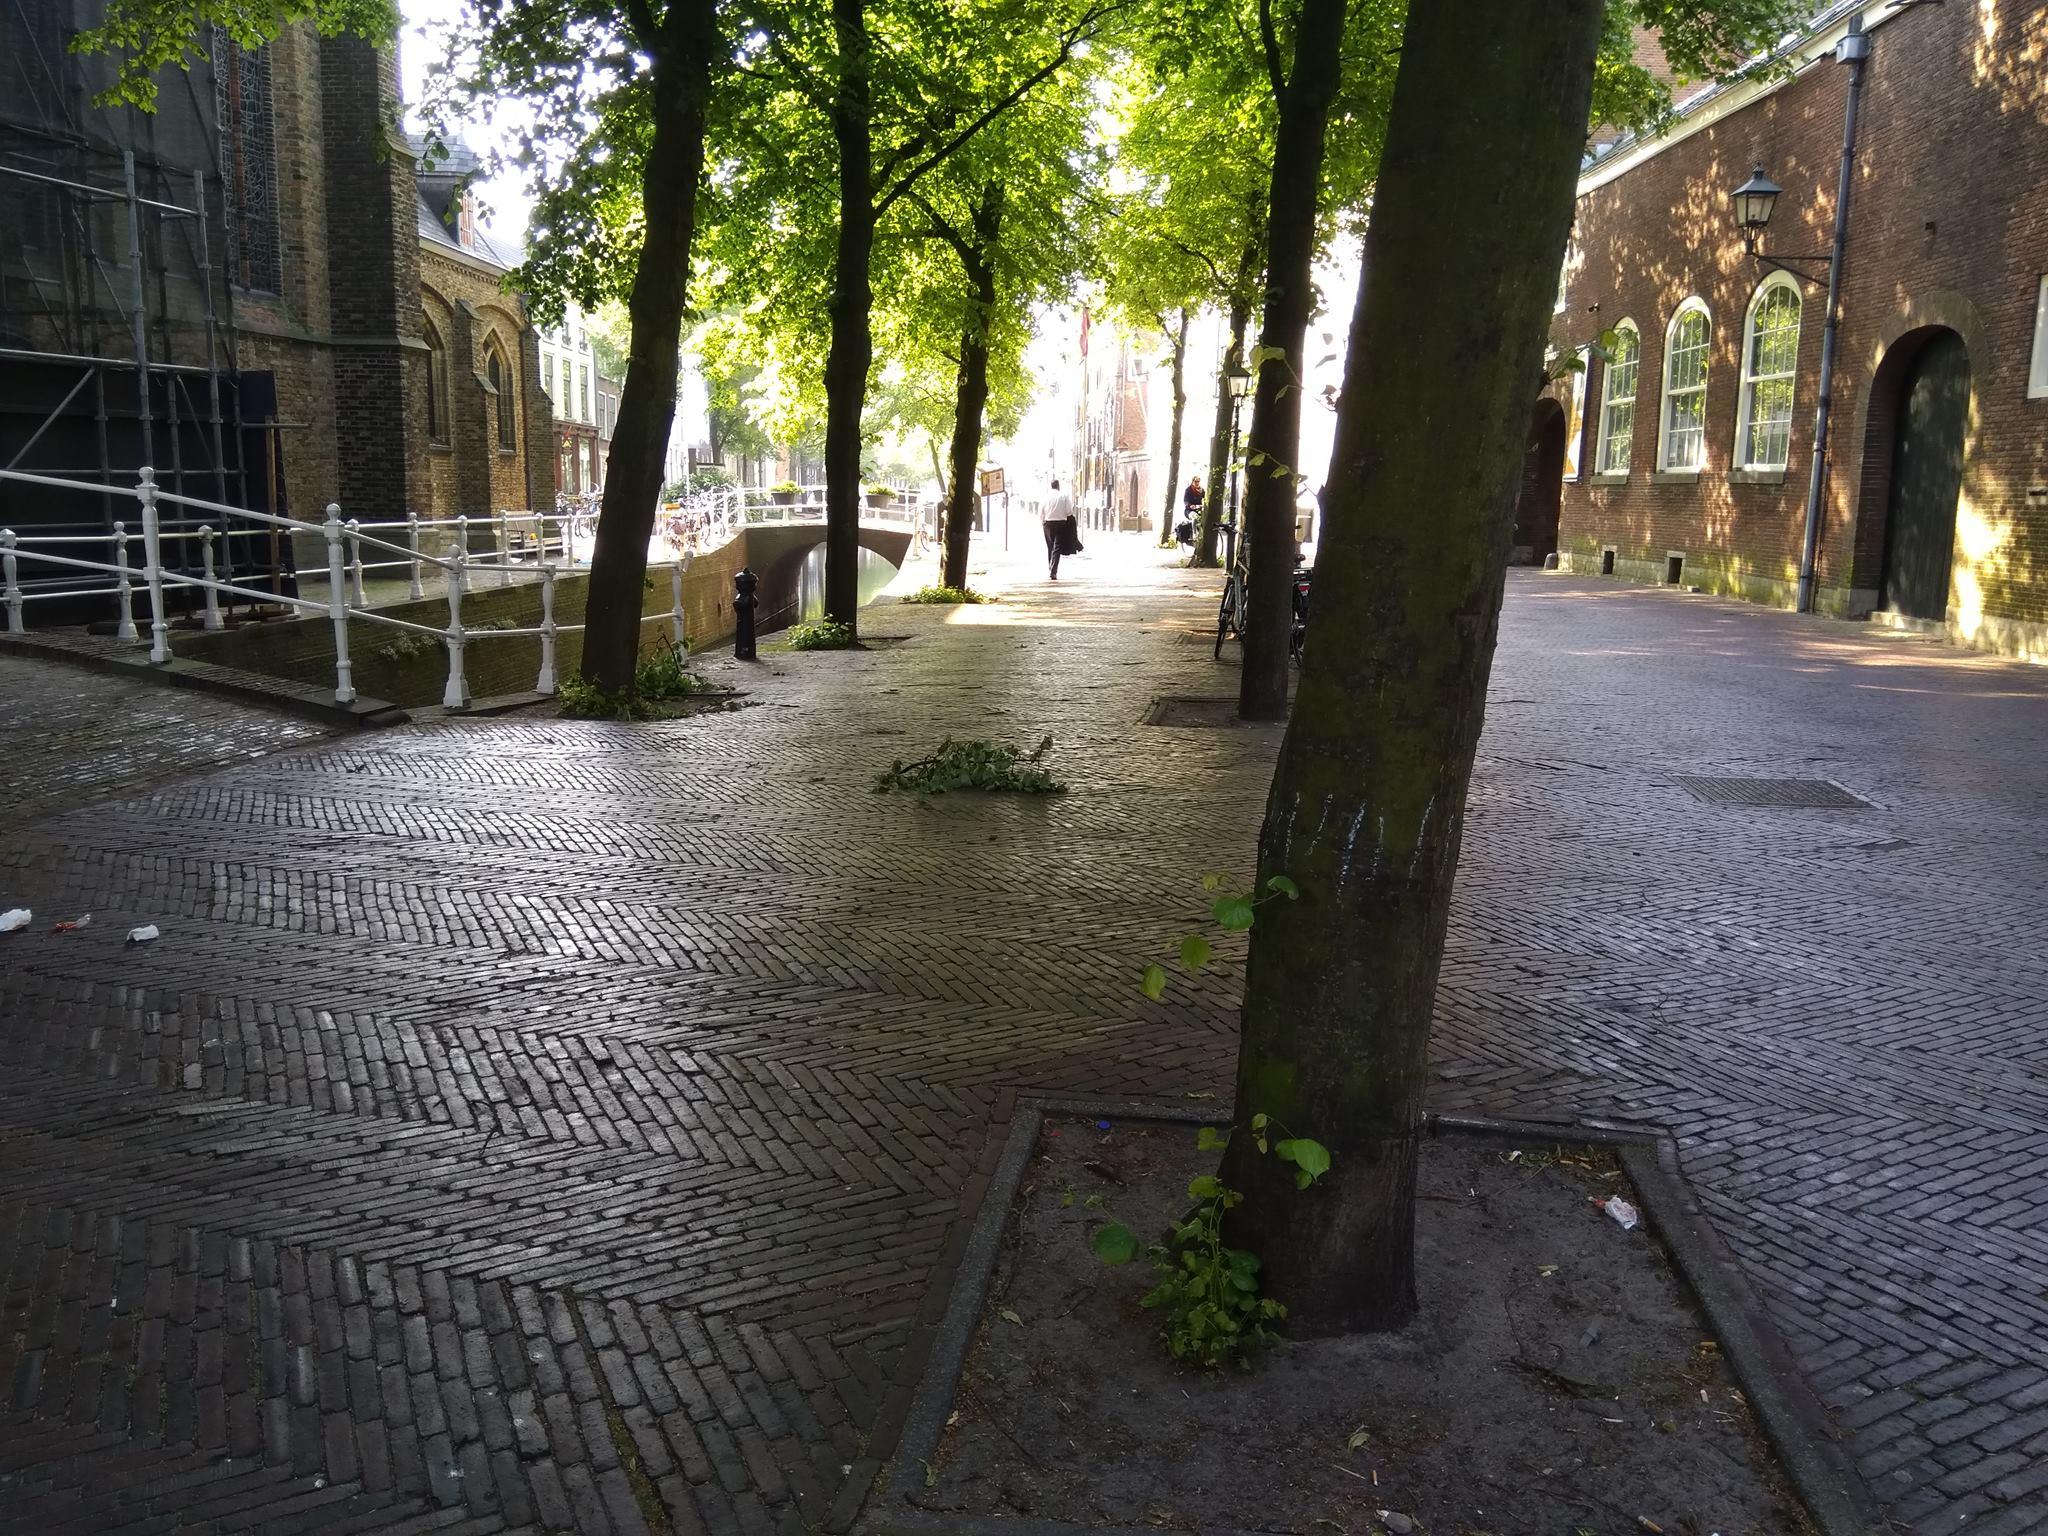 Bladluis en plakkerige straten